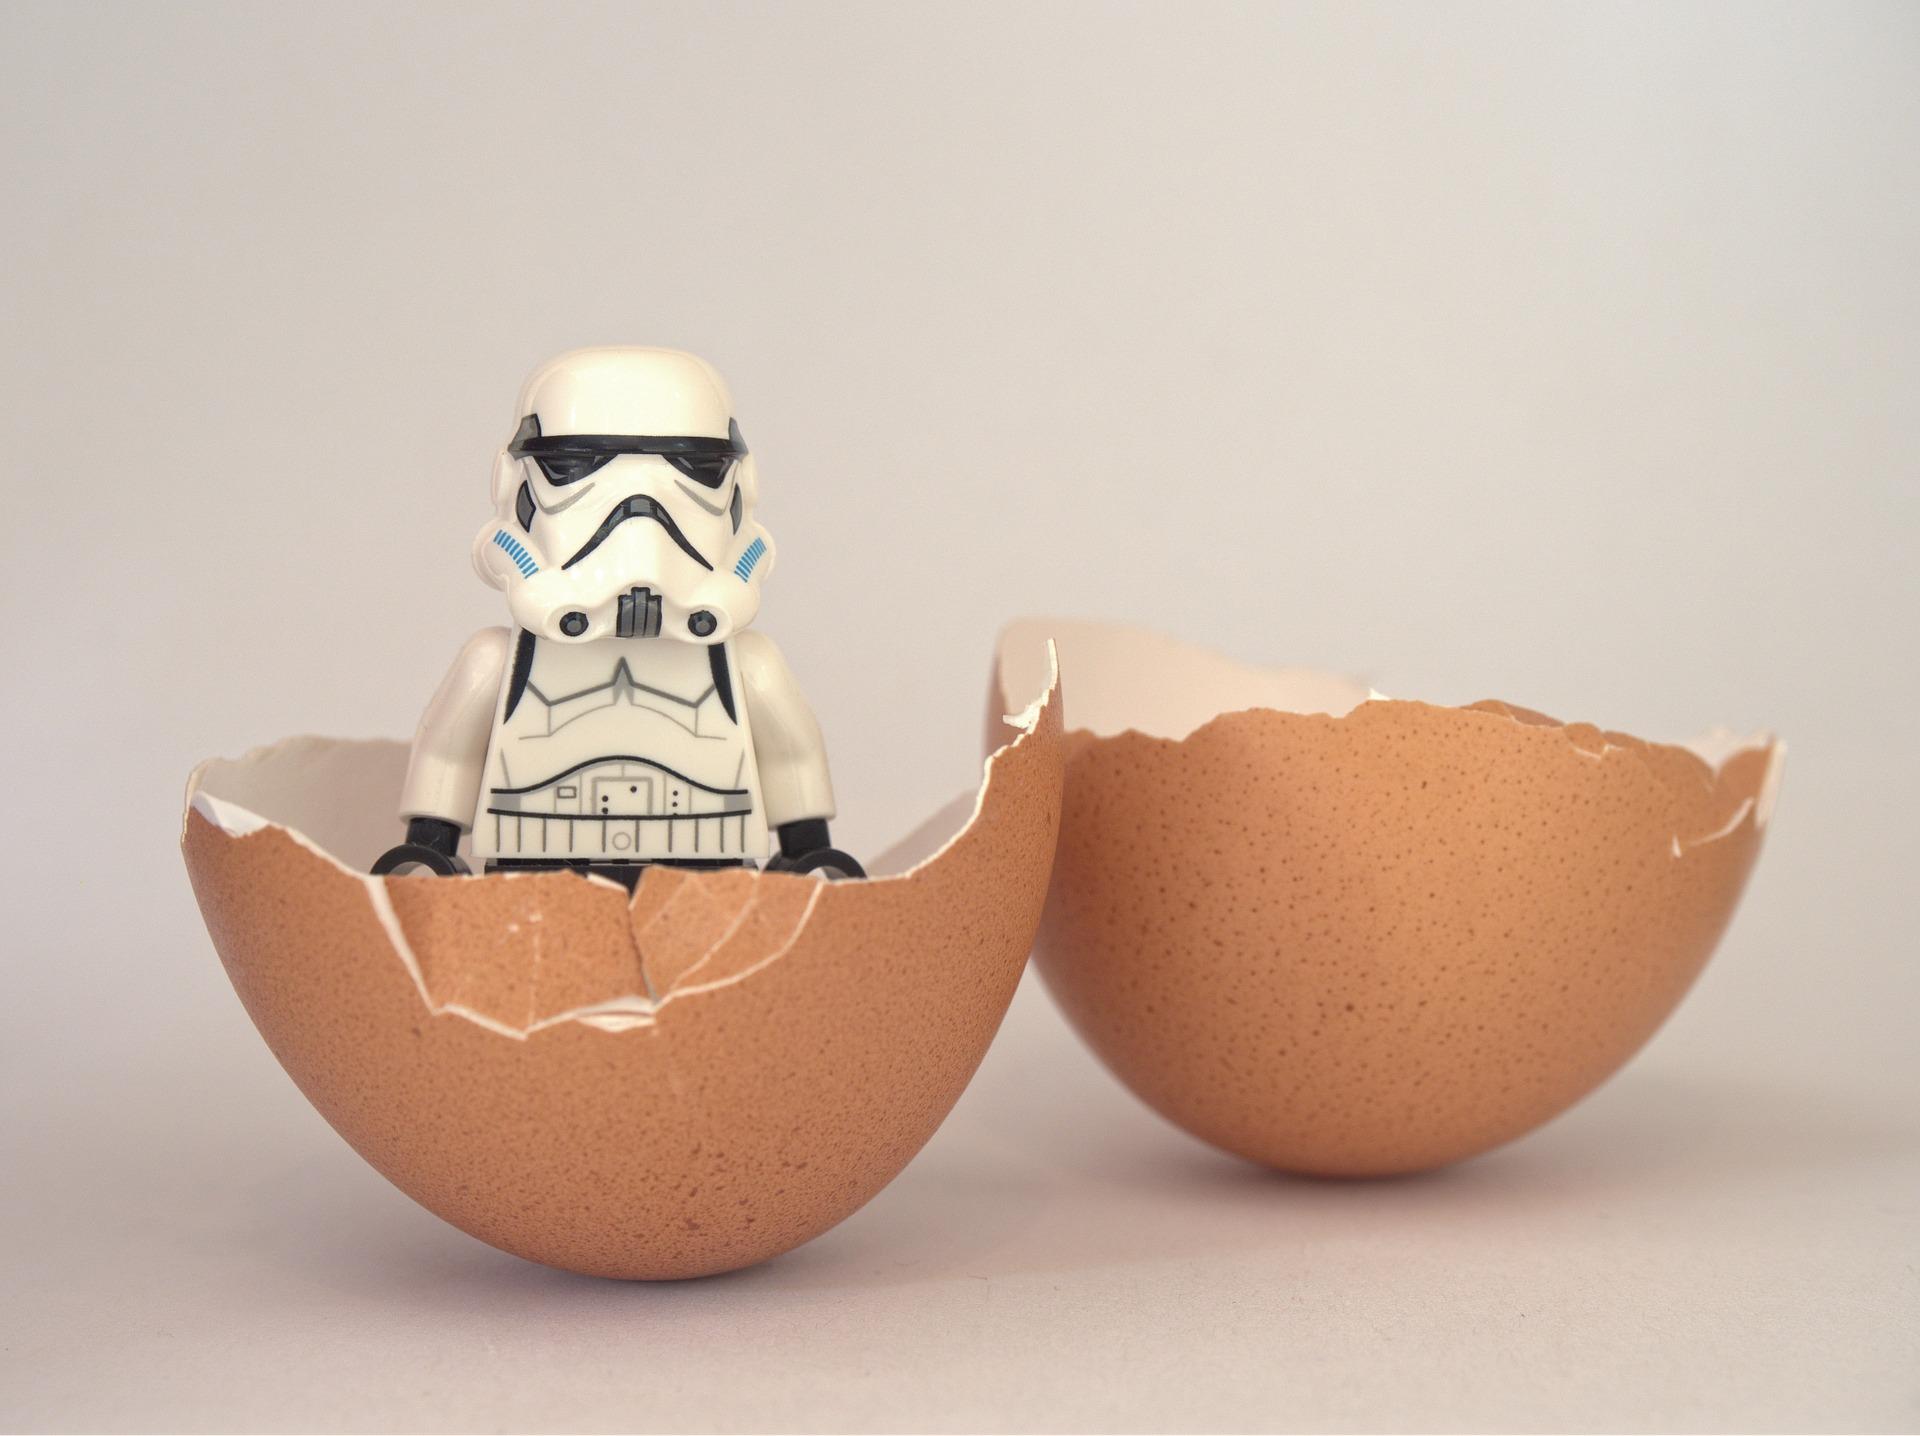 stormtrooper-1367777_1920